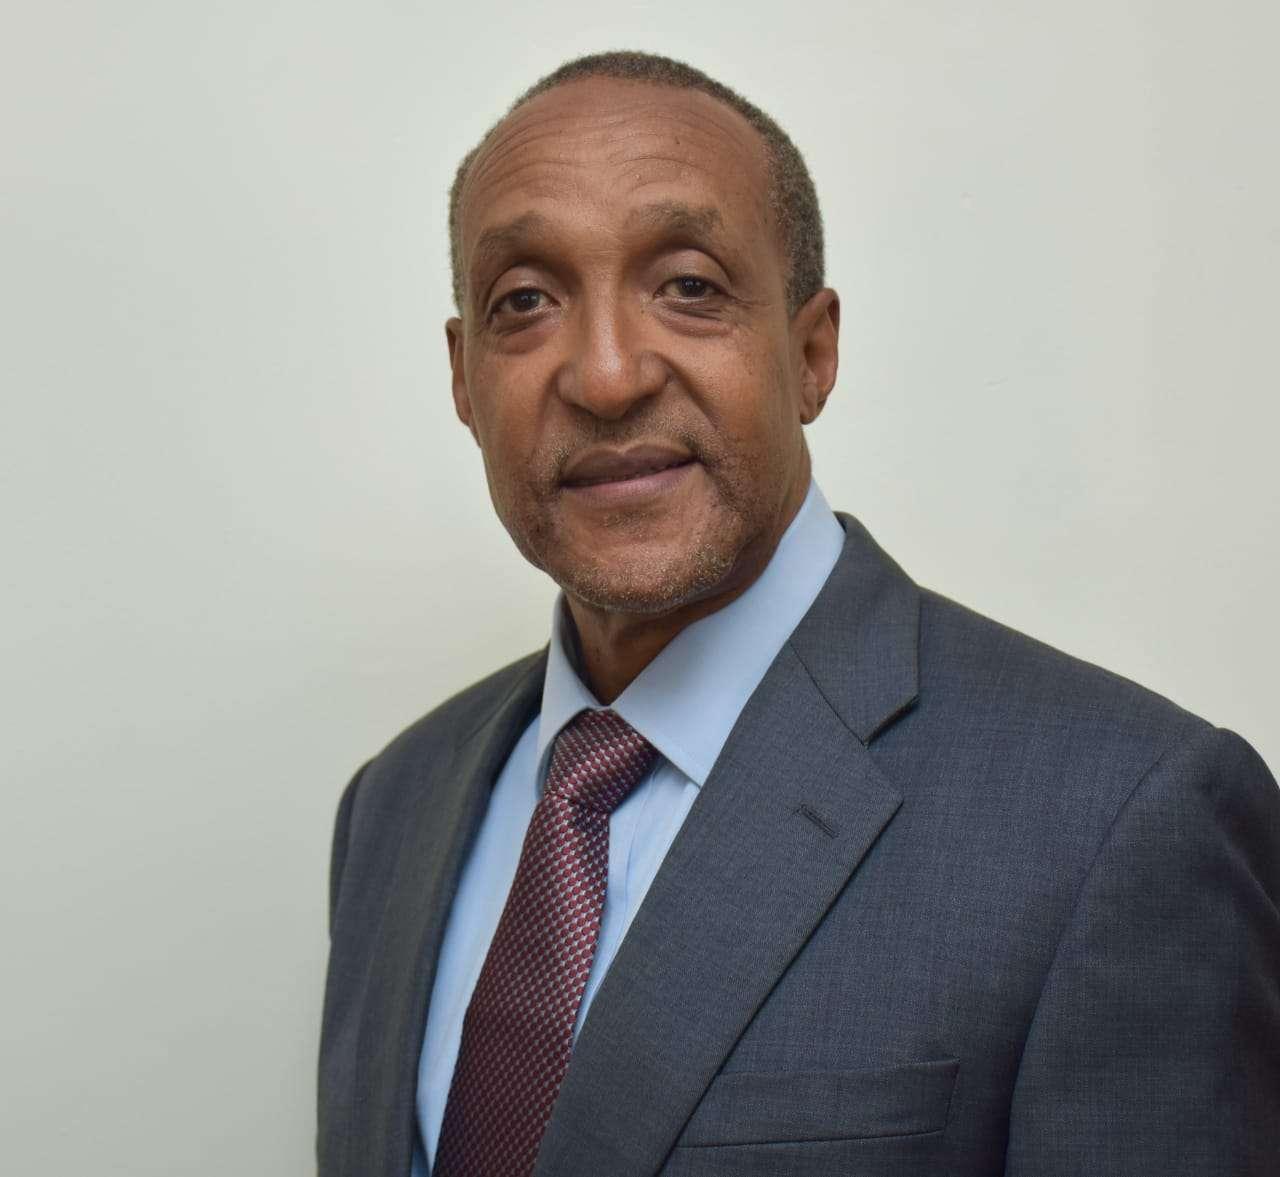 Kenya: Un ruolo chiave nell'agenda Onu 2030 per gli Sdg